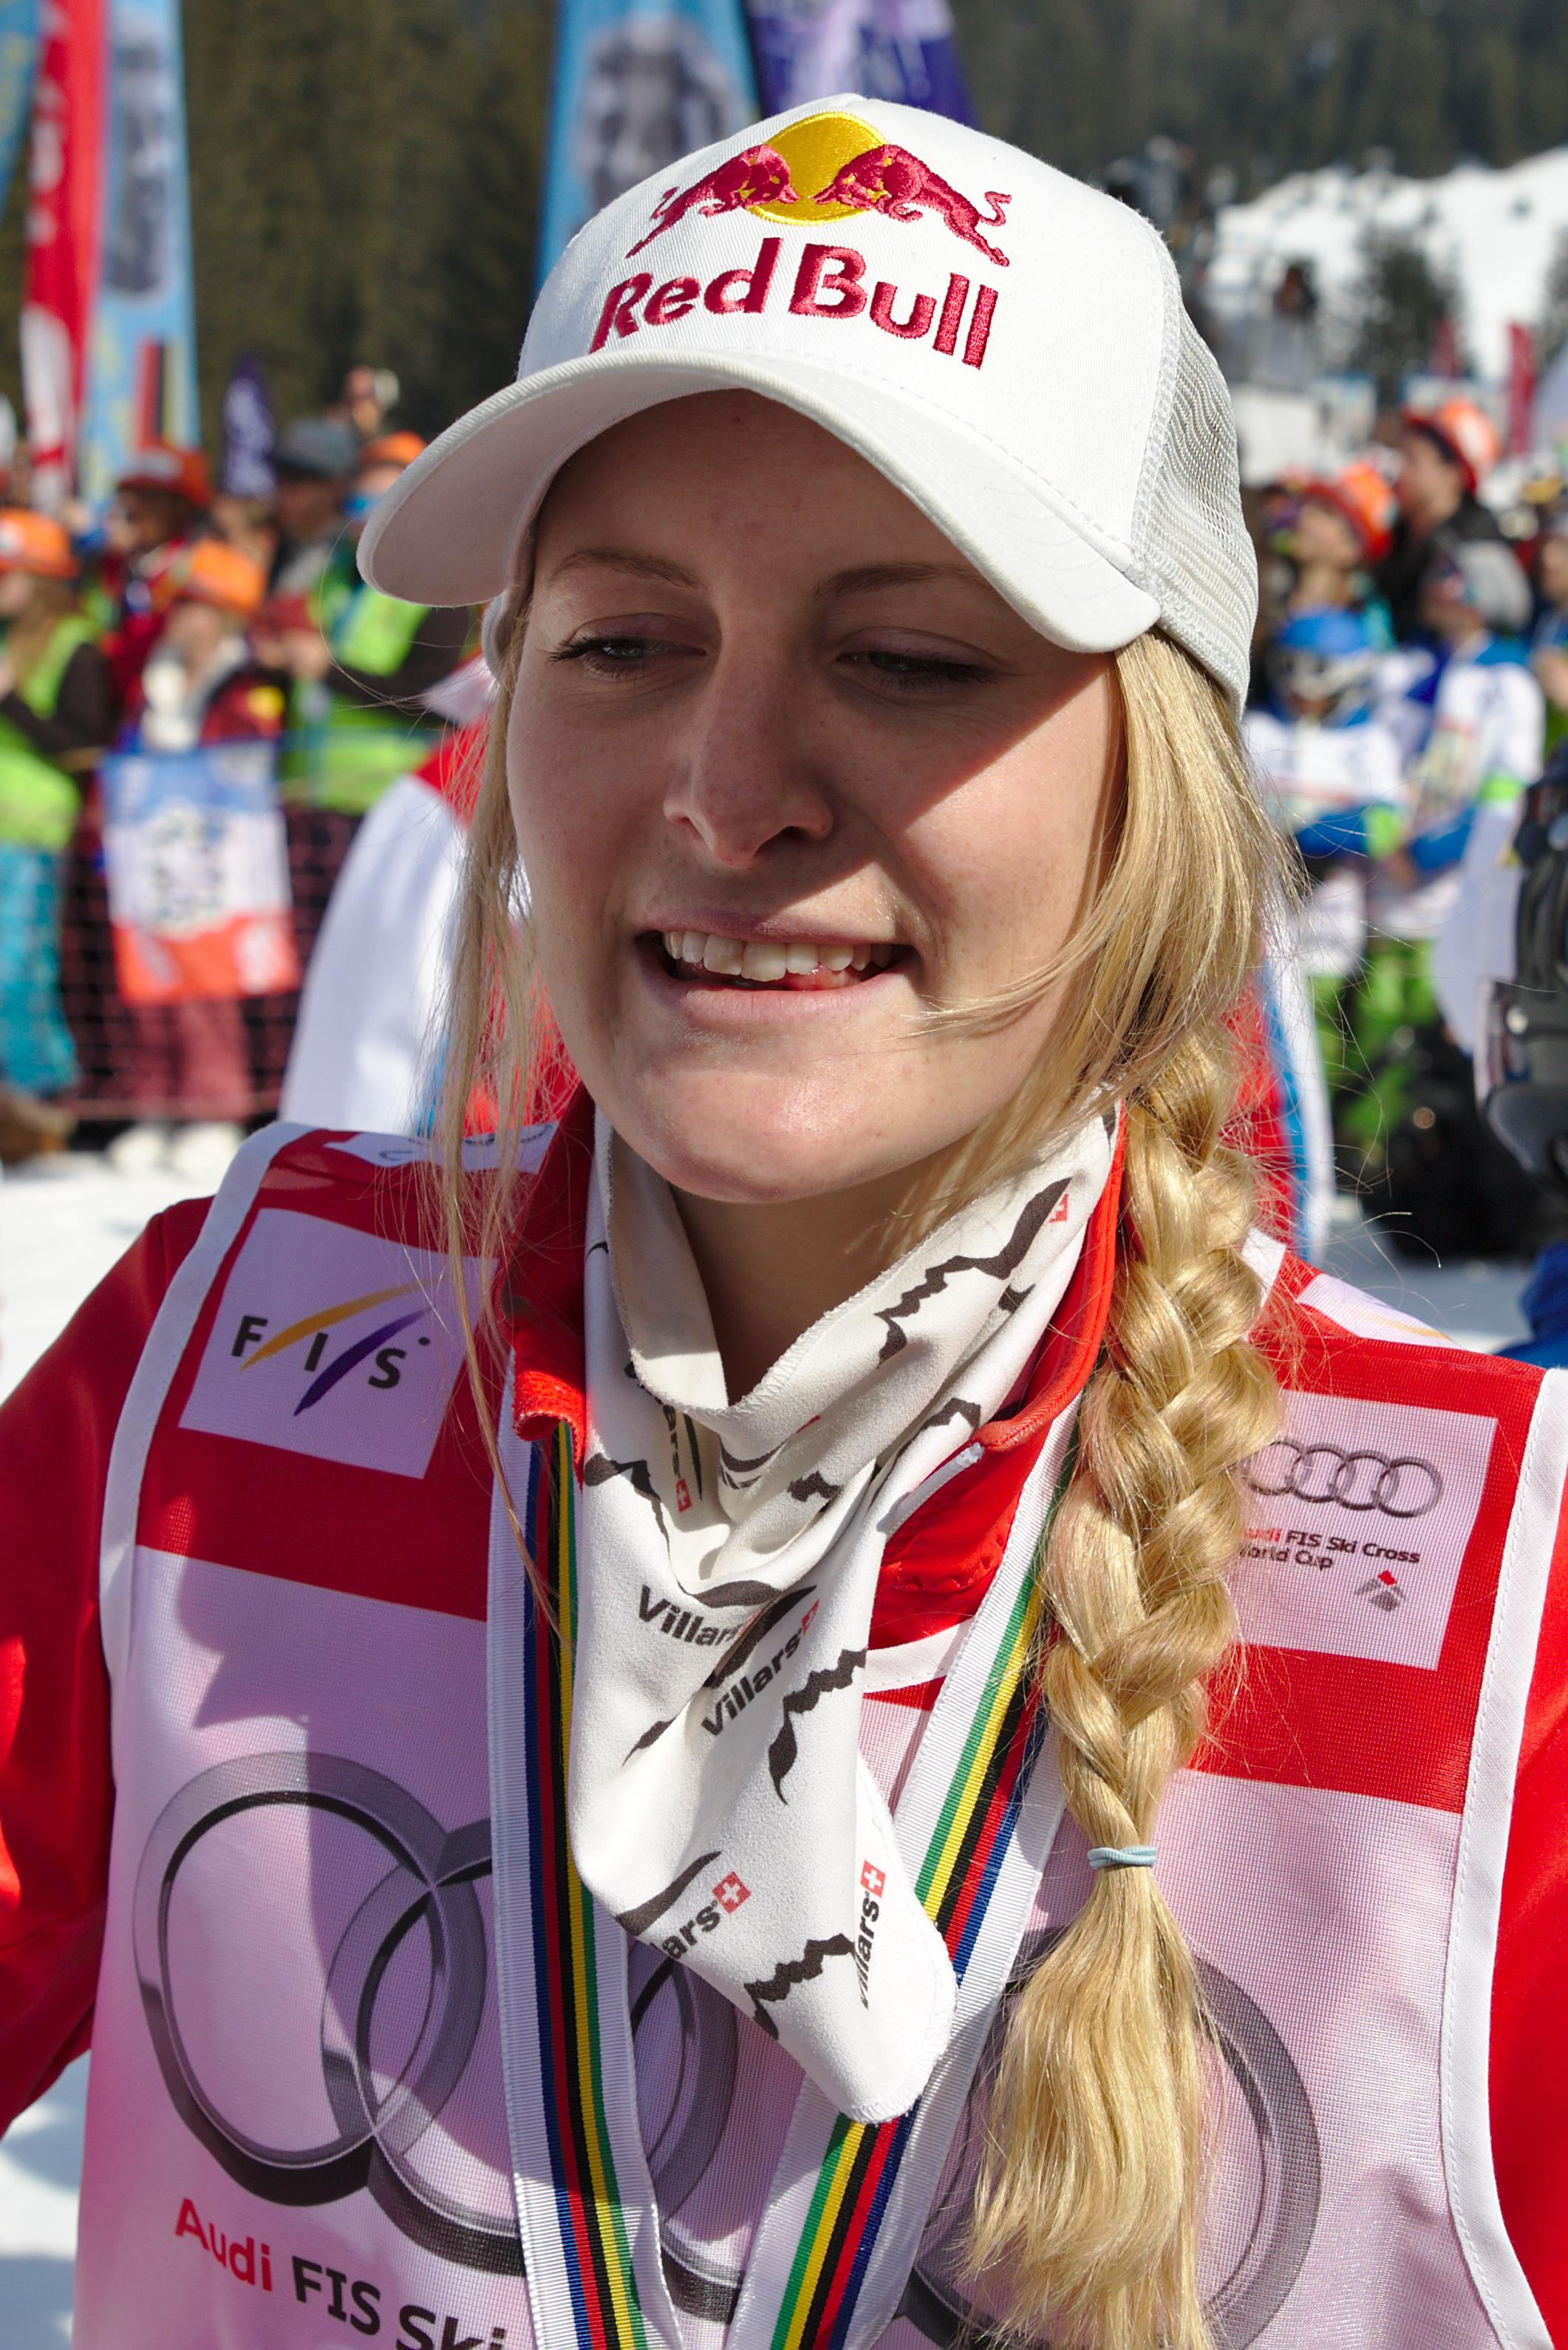 42 års racet File:FIS Ski Cross World Cup 2015 Finals   Megève   20150314  42 års racet